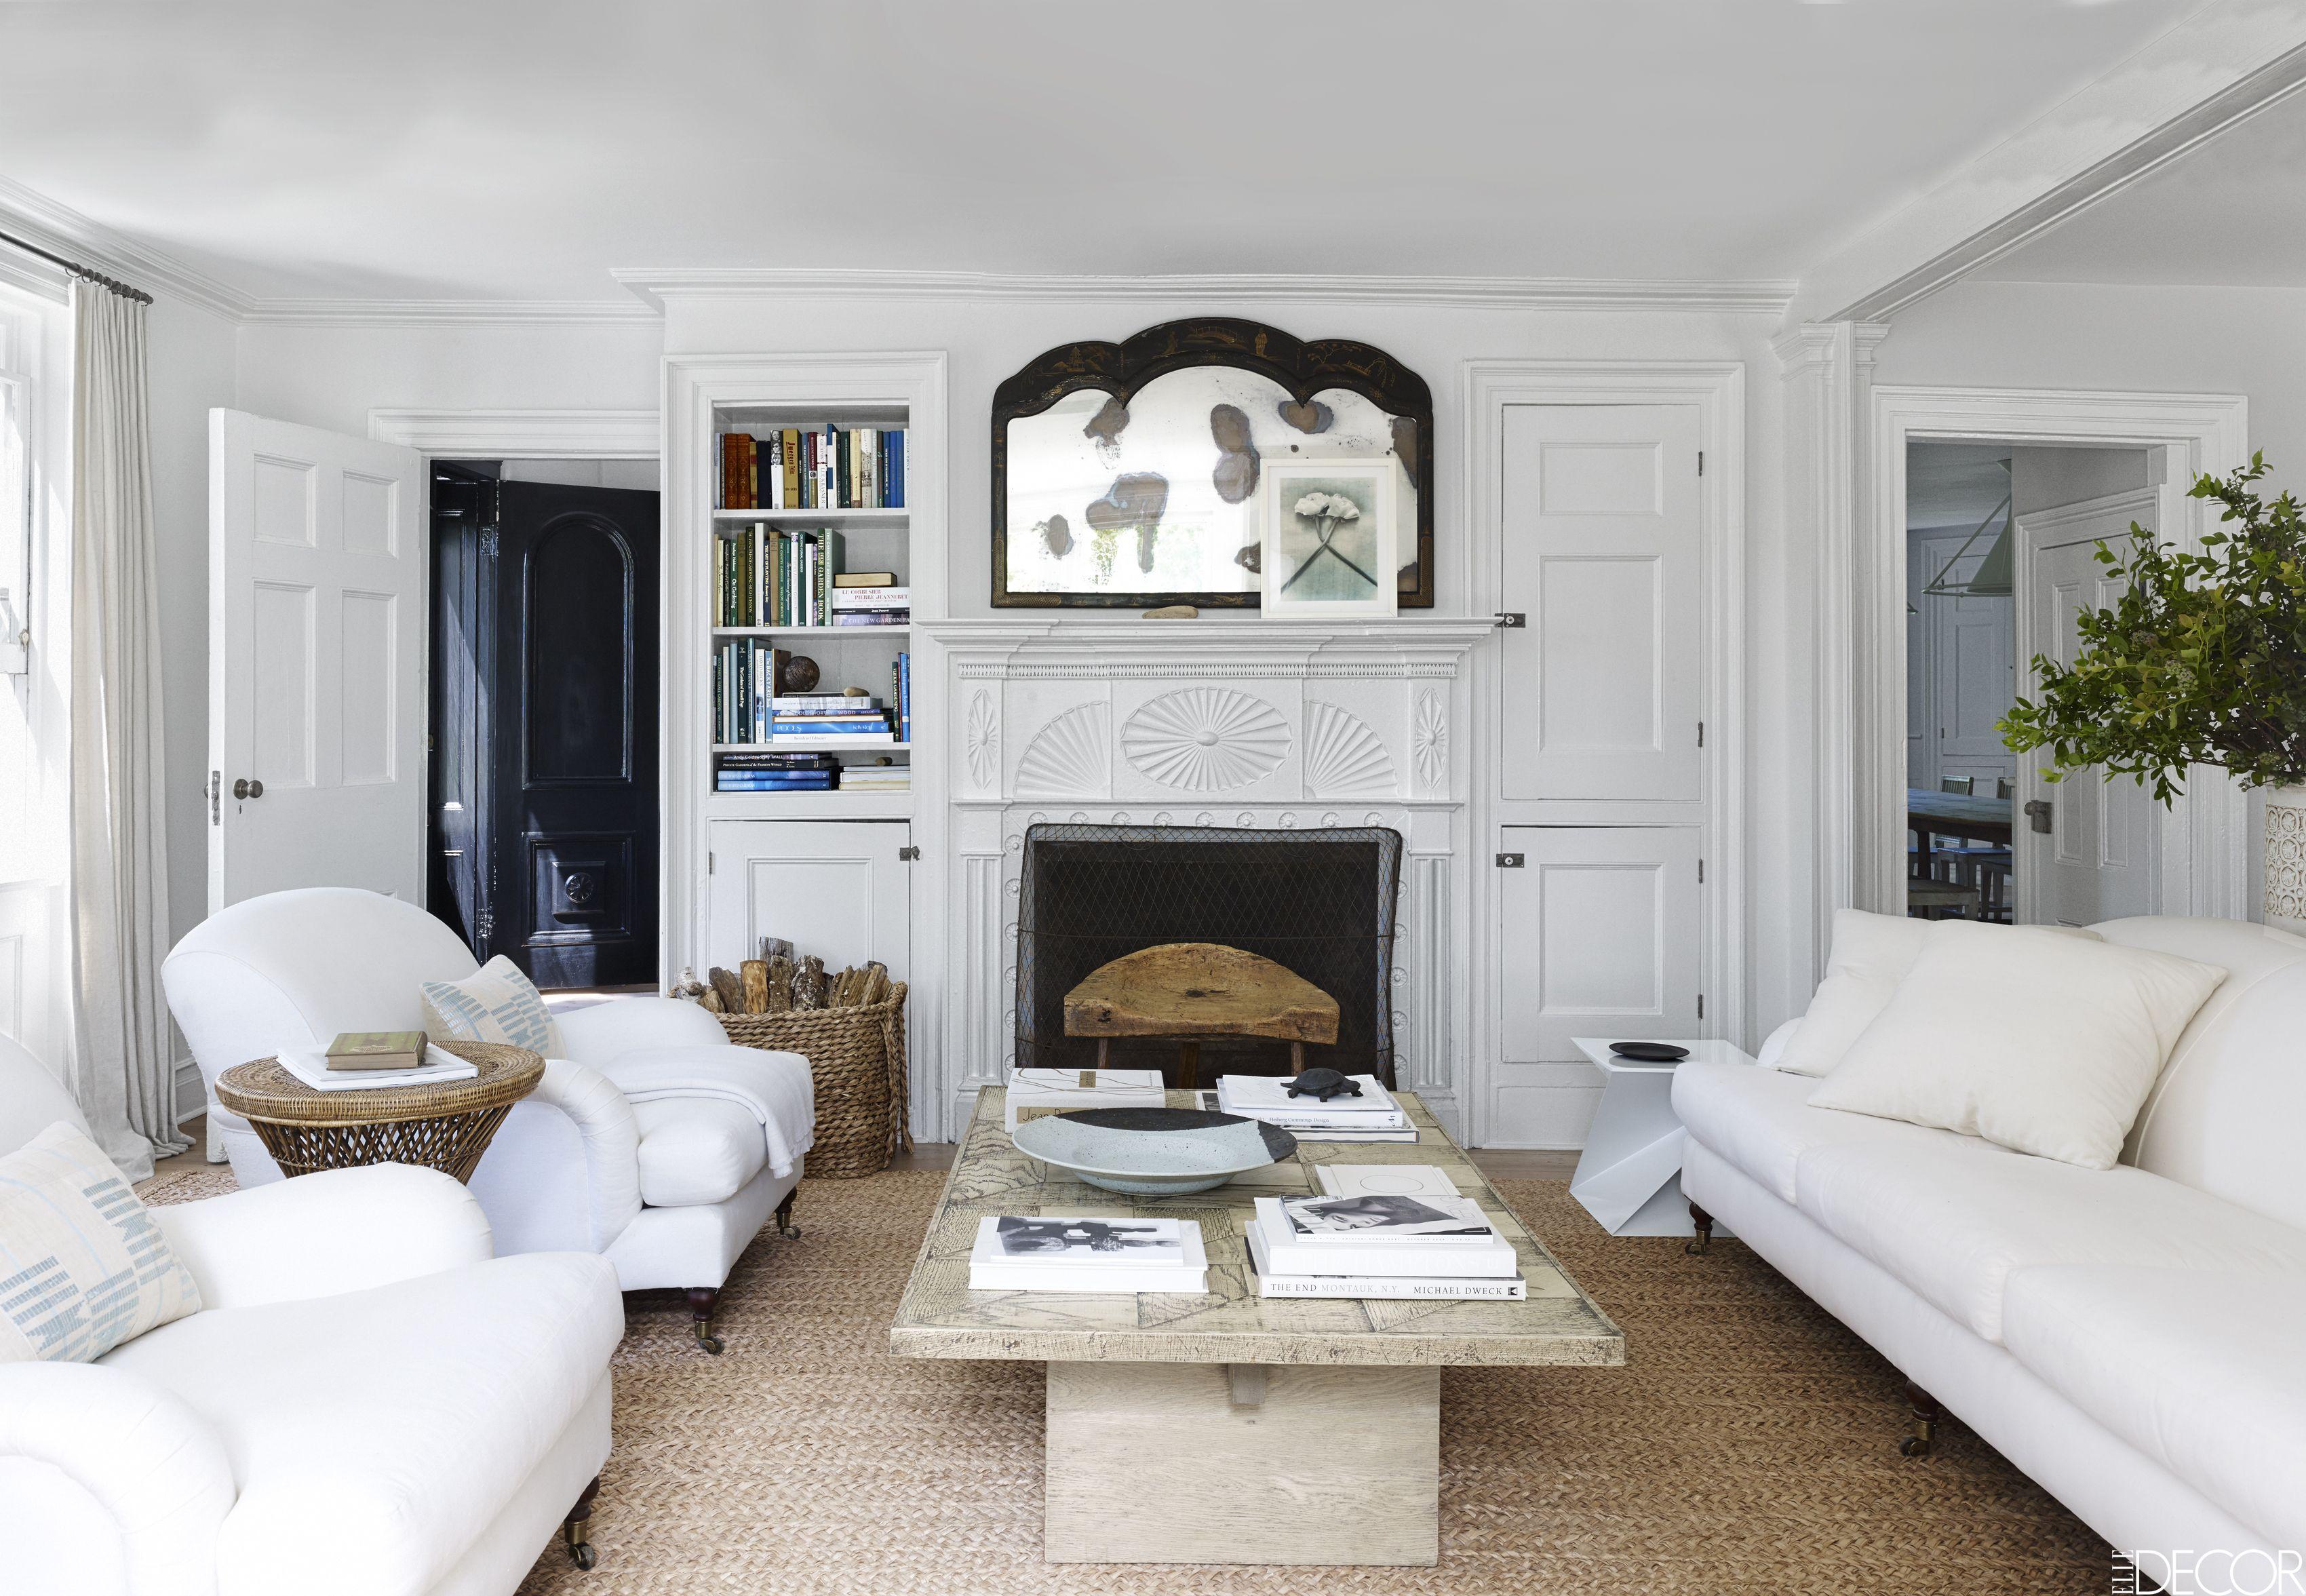 24 Best White Sofa Ideas Living Room Decorating Ideas For White Sofas Rh  Elledecor Com Gray Living Room With White Couch Living Room Ideas With  White ...